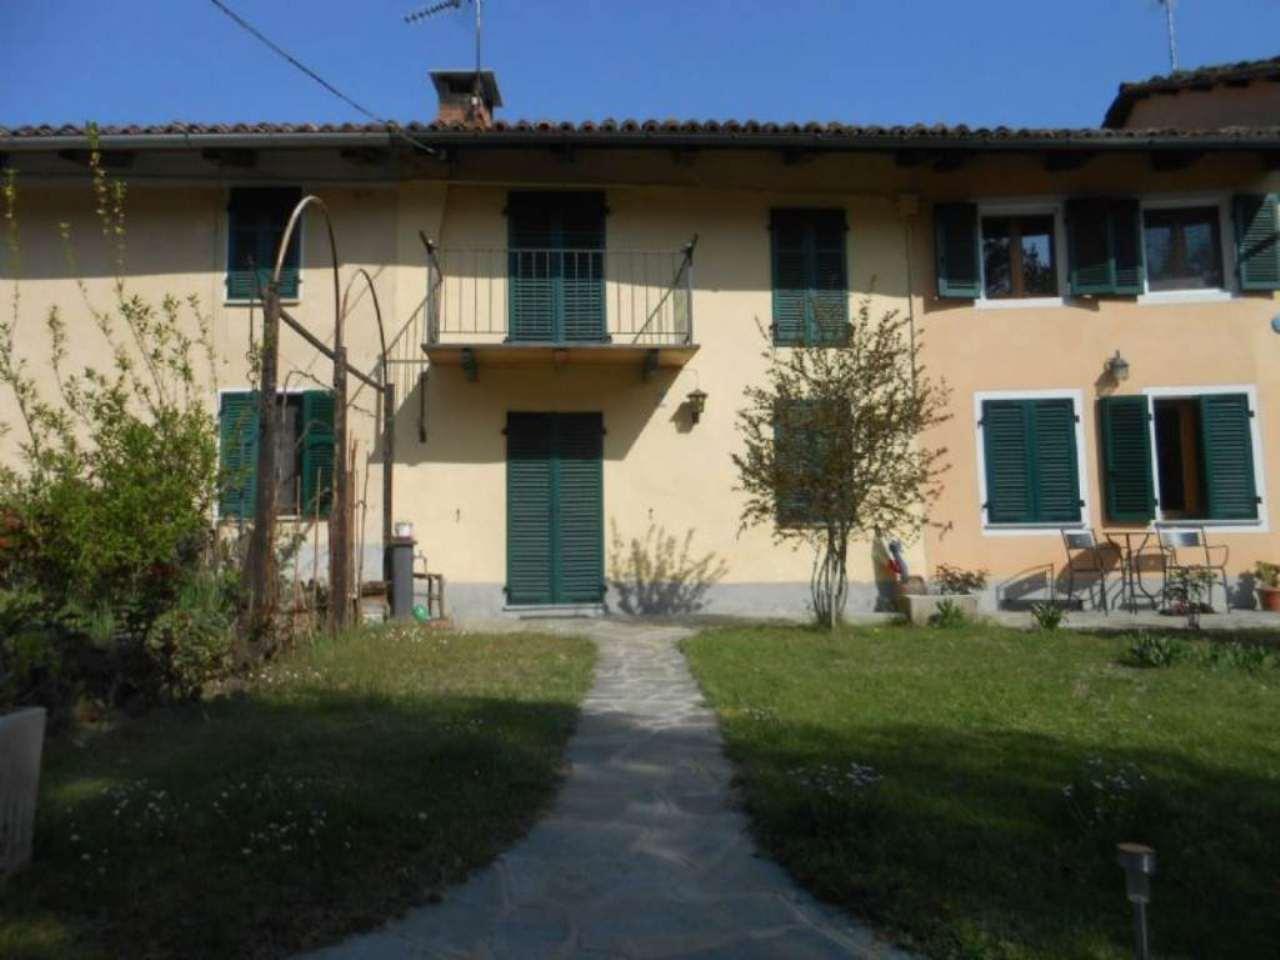 Soluzione Indipendente in vendita a Castelnuovo Don Bosco, 3 locali, prezzo € 39.000 | CambioCasa.it